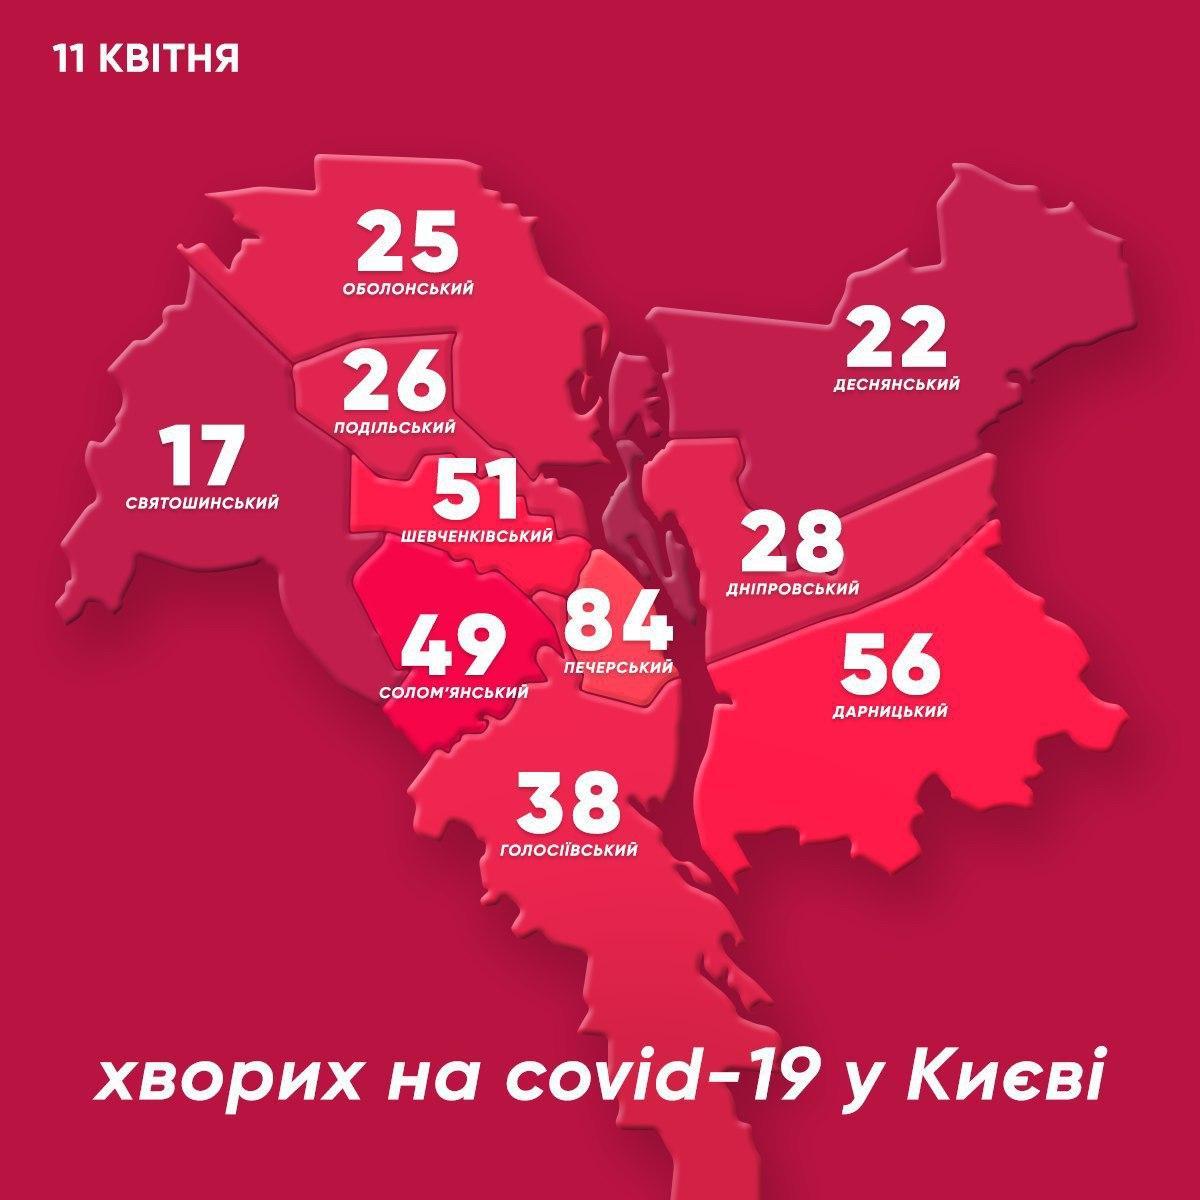 Районы Киева, где зафиксированы случаи заболевания коронавирусом на 11 апреля (фото - мэр Киева Виталий Кличко)